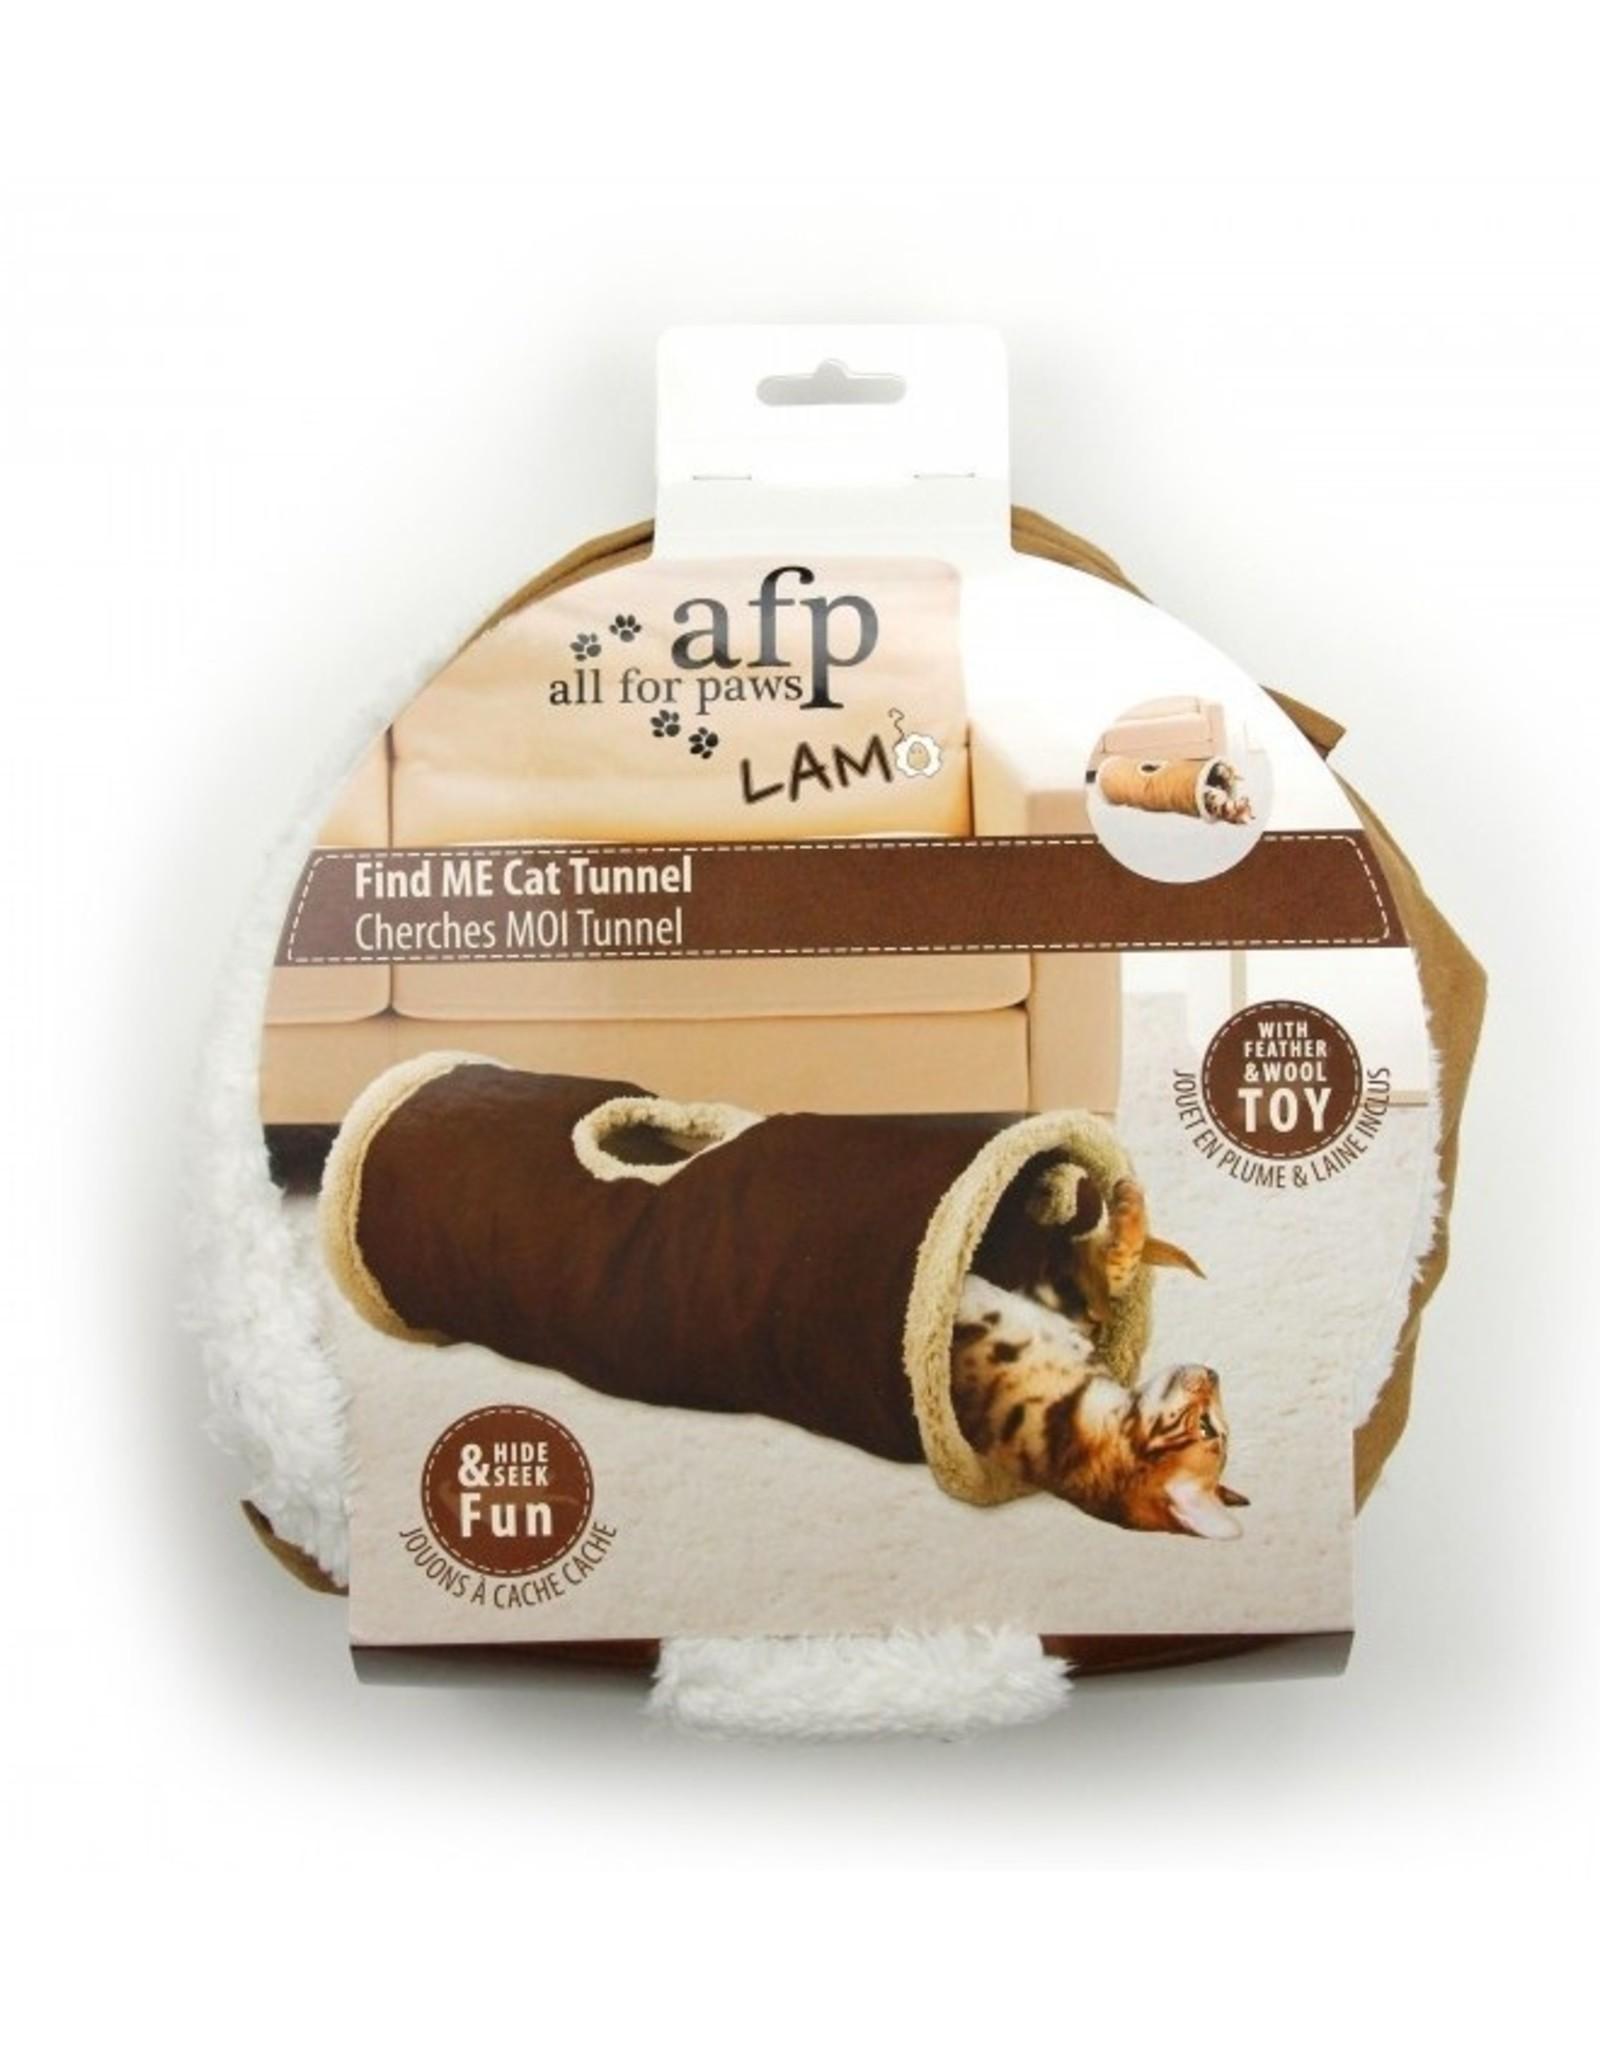 AFP Afp - Find me cat tunnel Tan